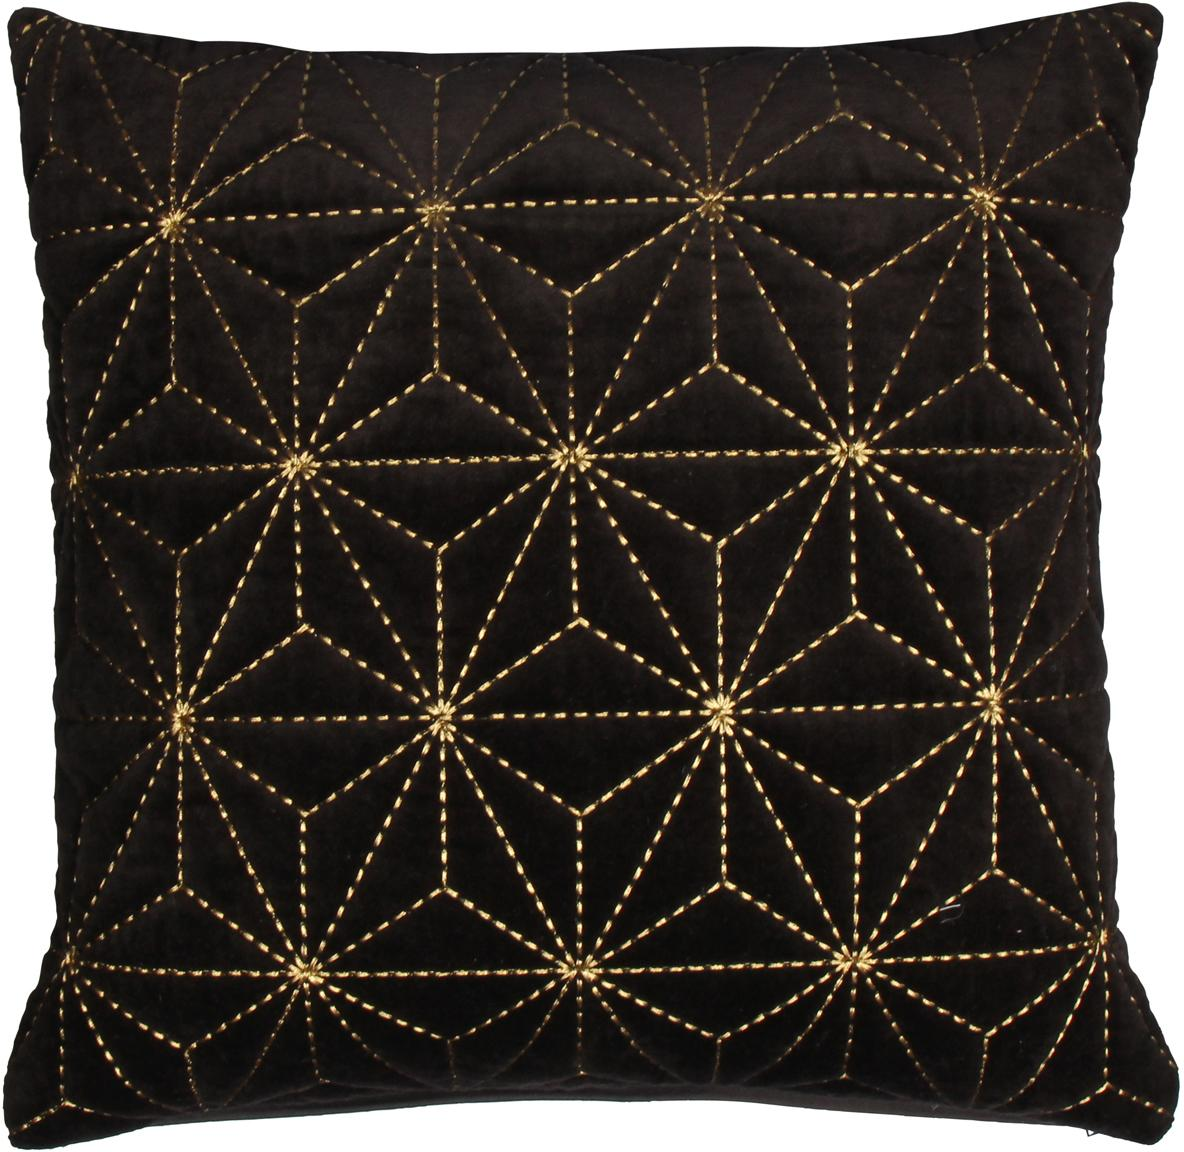 Kissenhülle Sari mit goldener Stickerei, 100% Baumwolle, Schwarz, Goldfarben, 45 x 45 cm